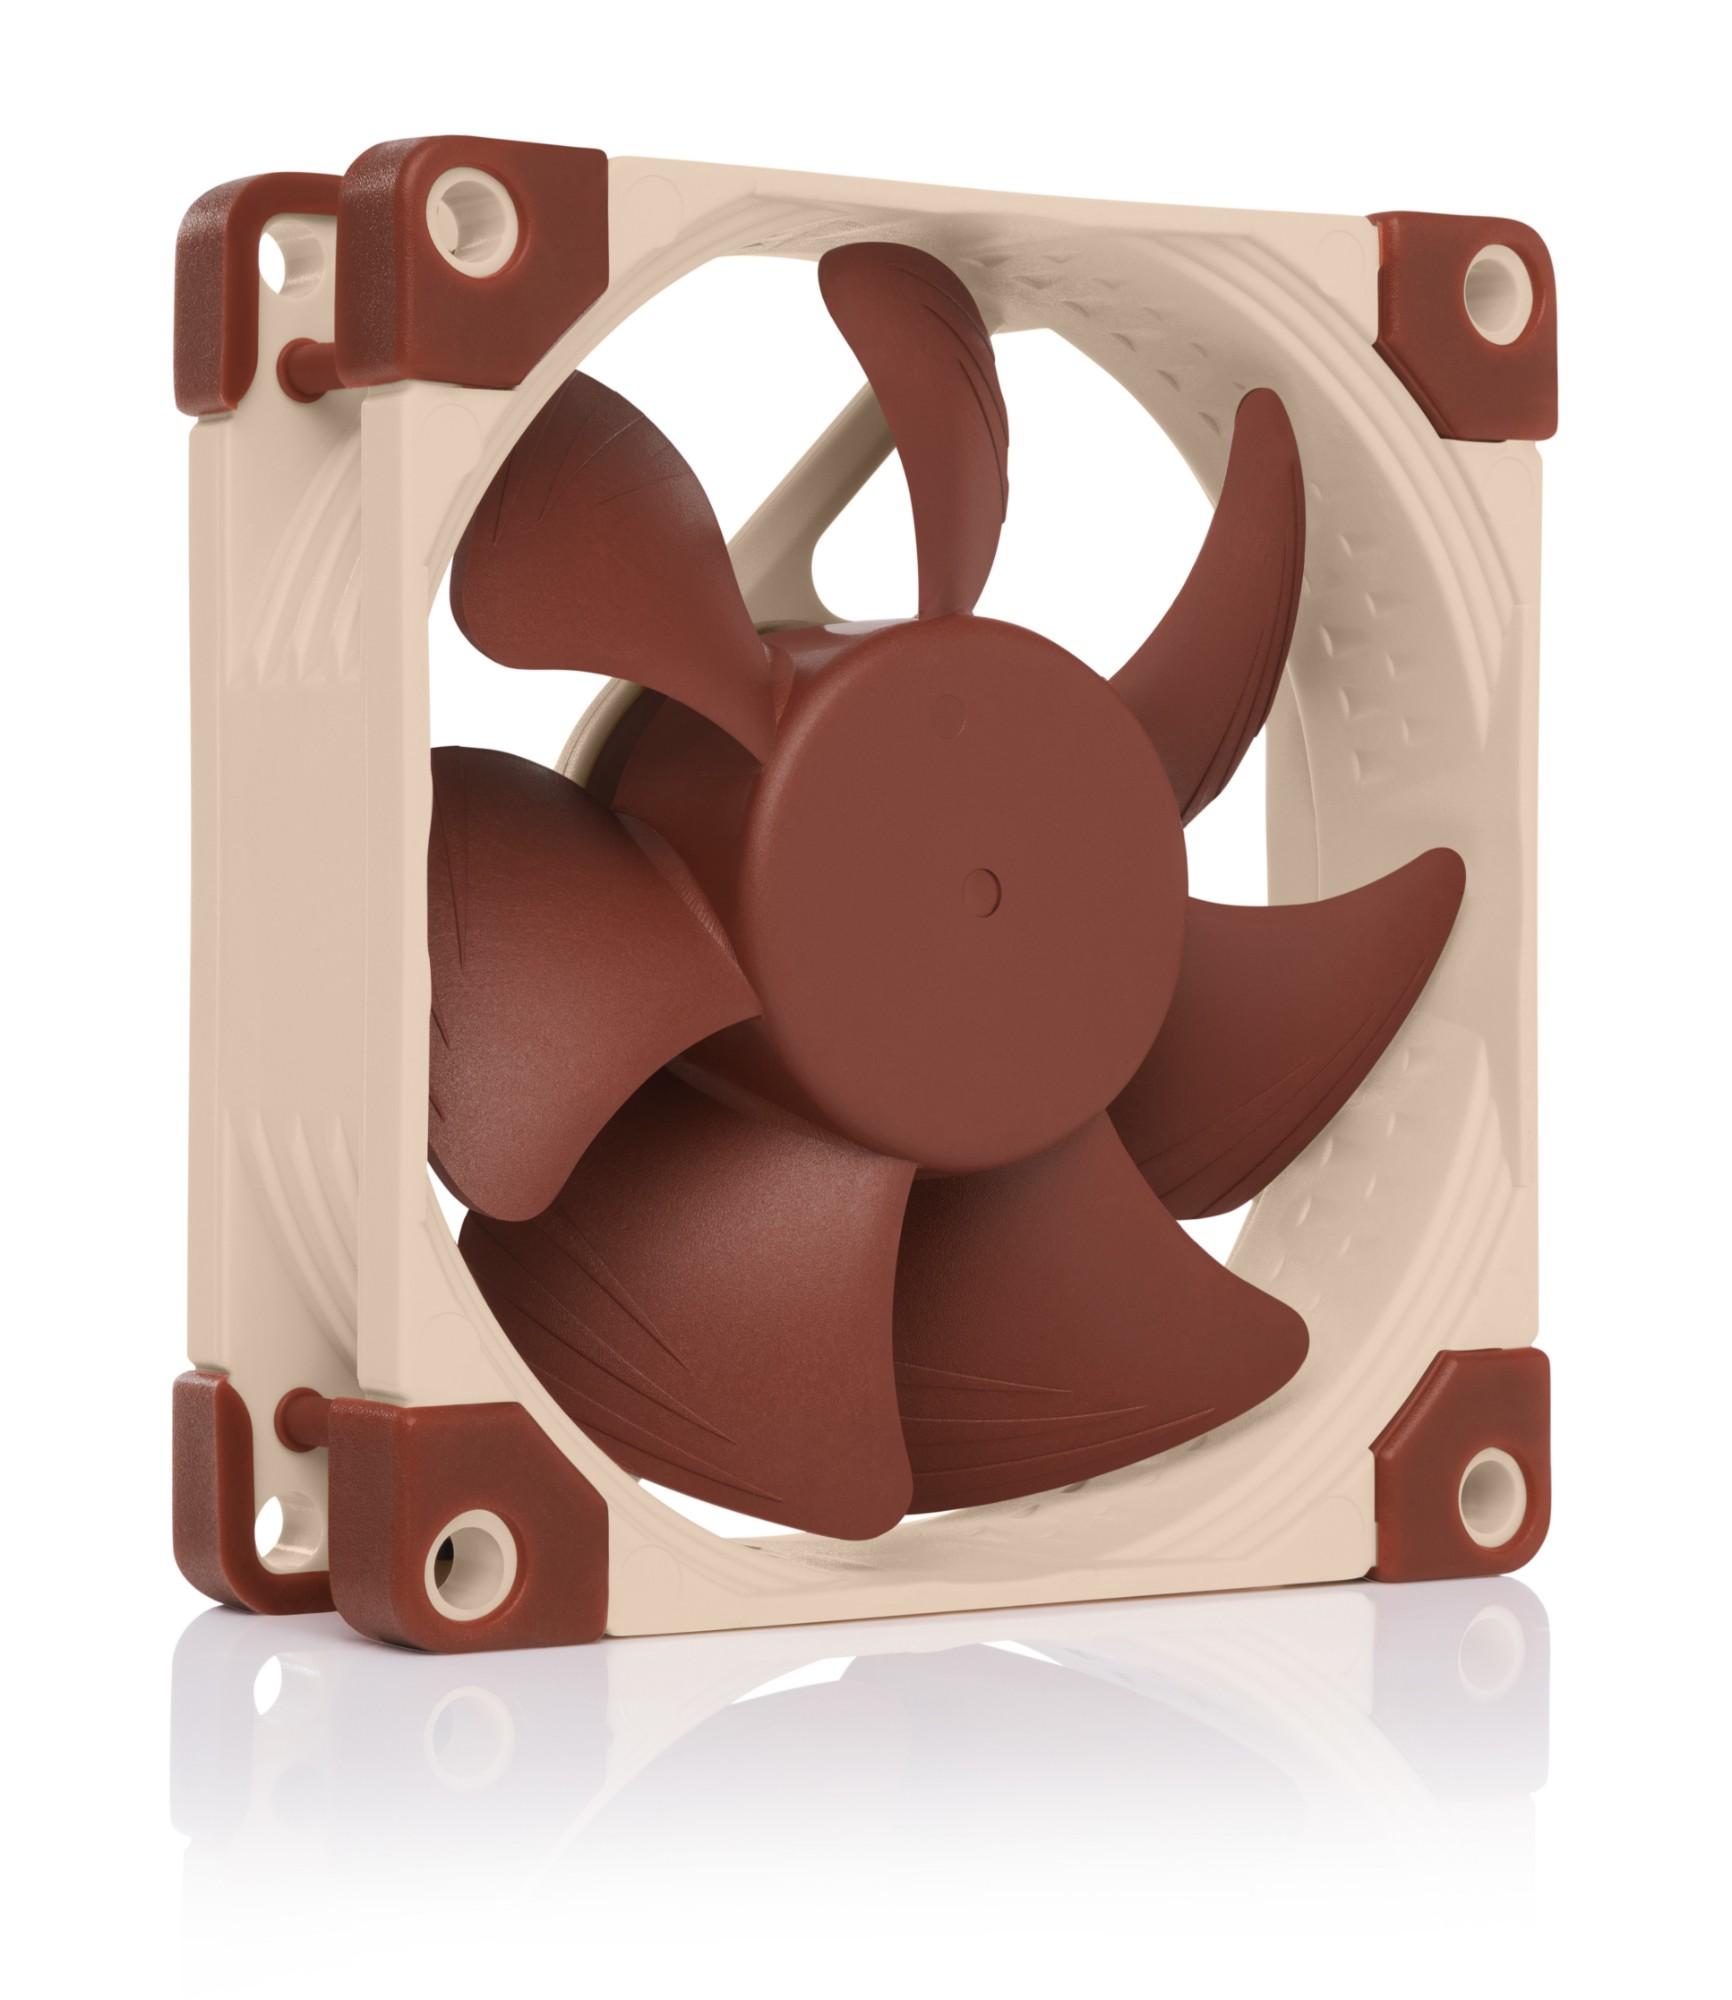 Noctua NF-A8 Computer case Fan